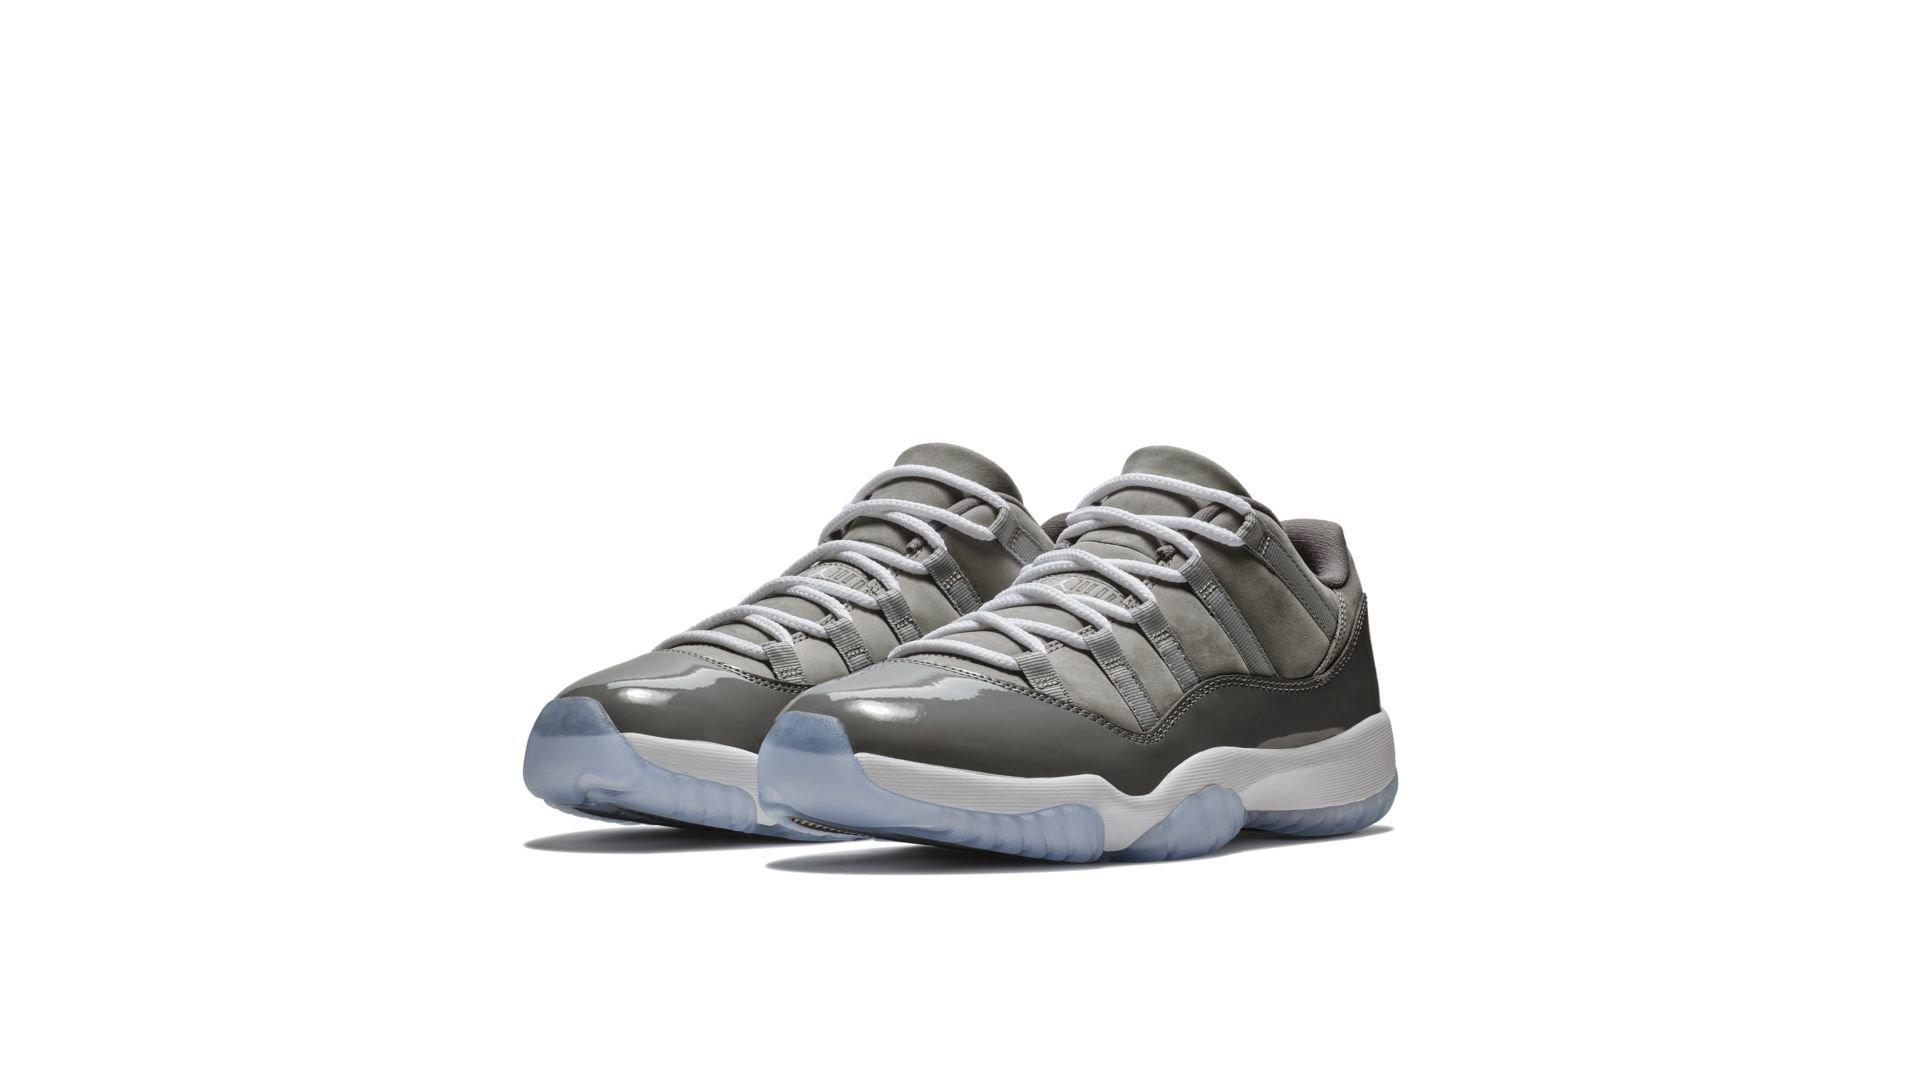 Air Jordan 11 Low 'Cool Grey' (528895-003)